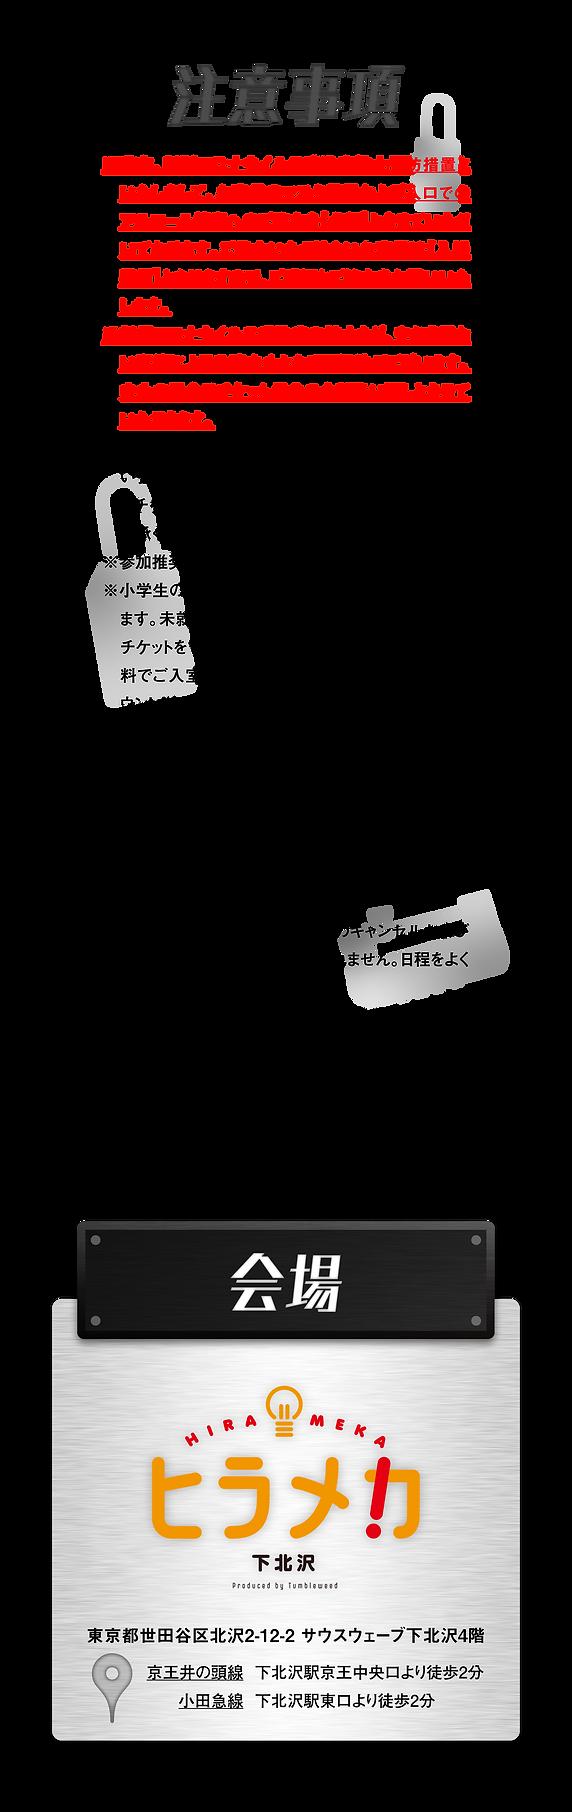 Lock2_4.png